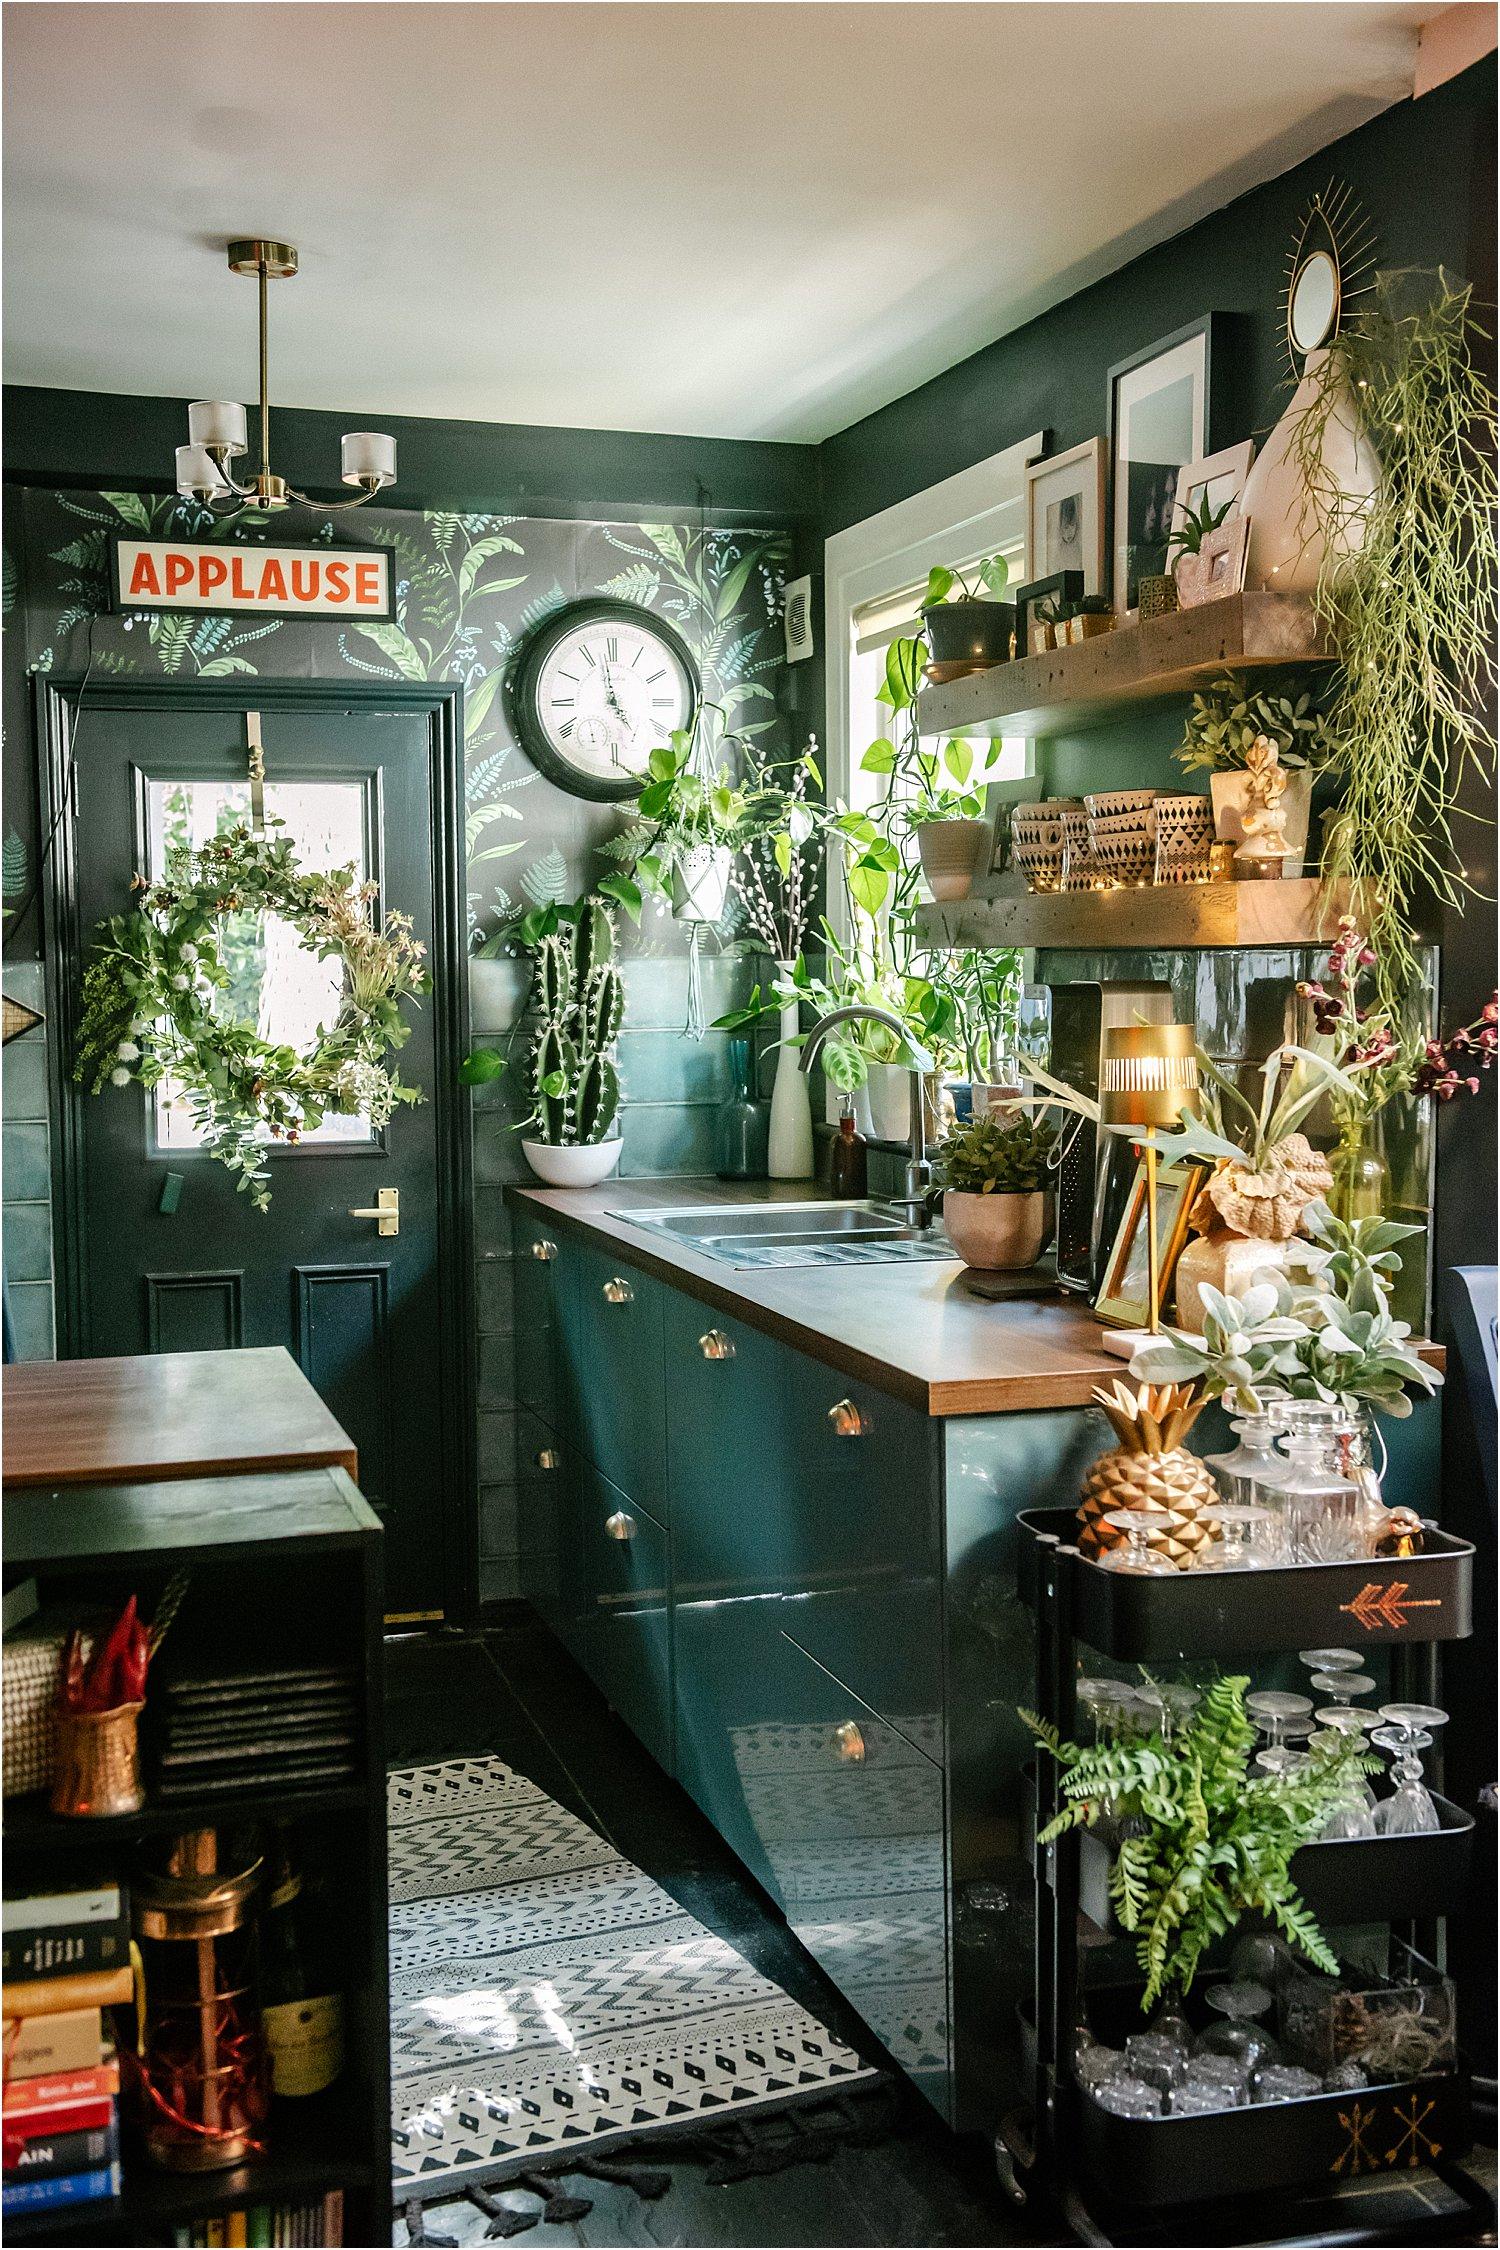 dark-blue-green-kitchen-maximalist-interior-design-wallpaper-moody-layered-home